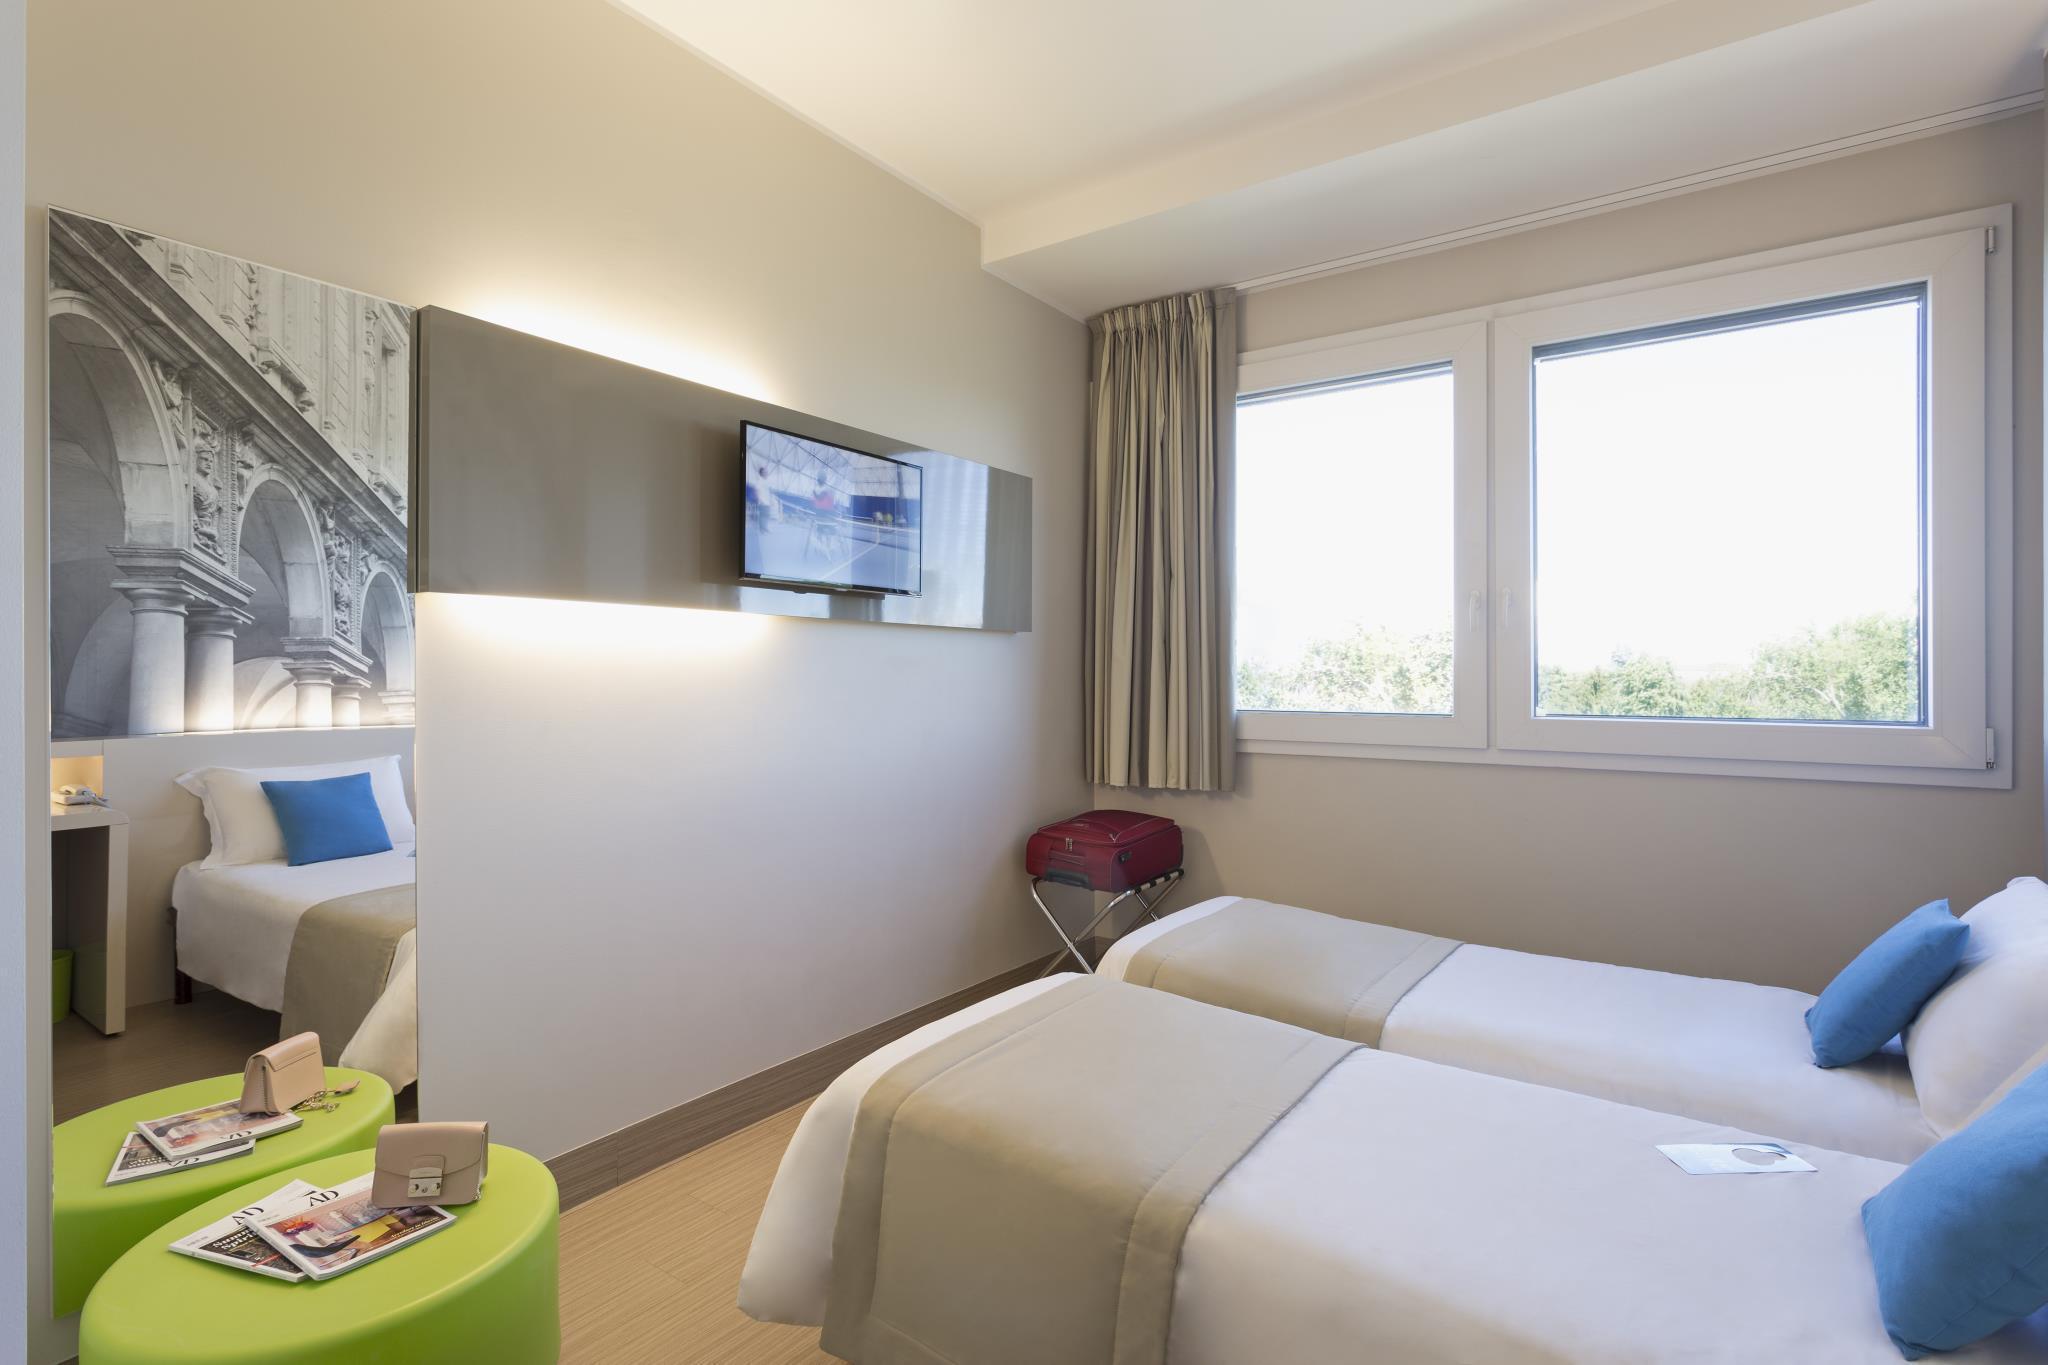 B&b Corso Sempione Milano b&b hotel milano cenisio garibaldi in italy - room deals